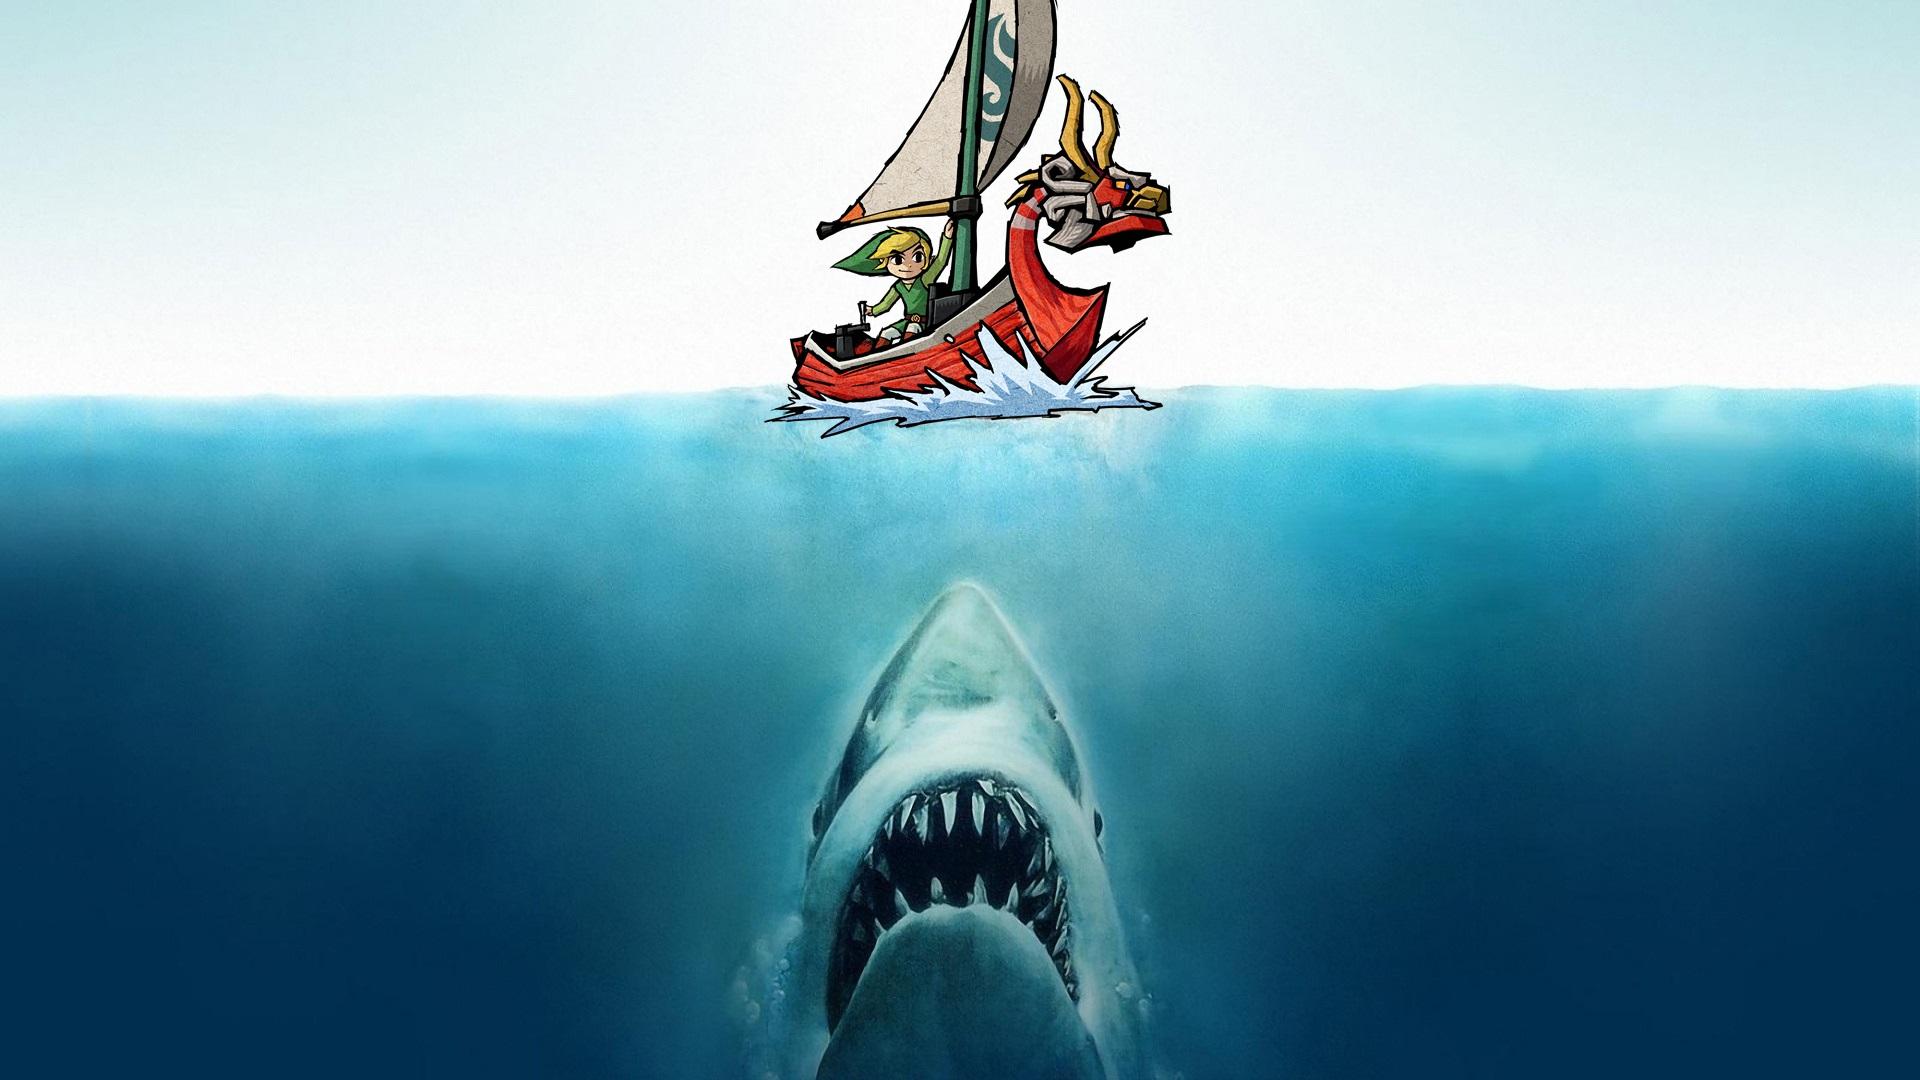 The Zelda Series Needs More Sharks